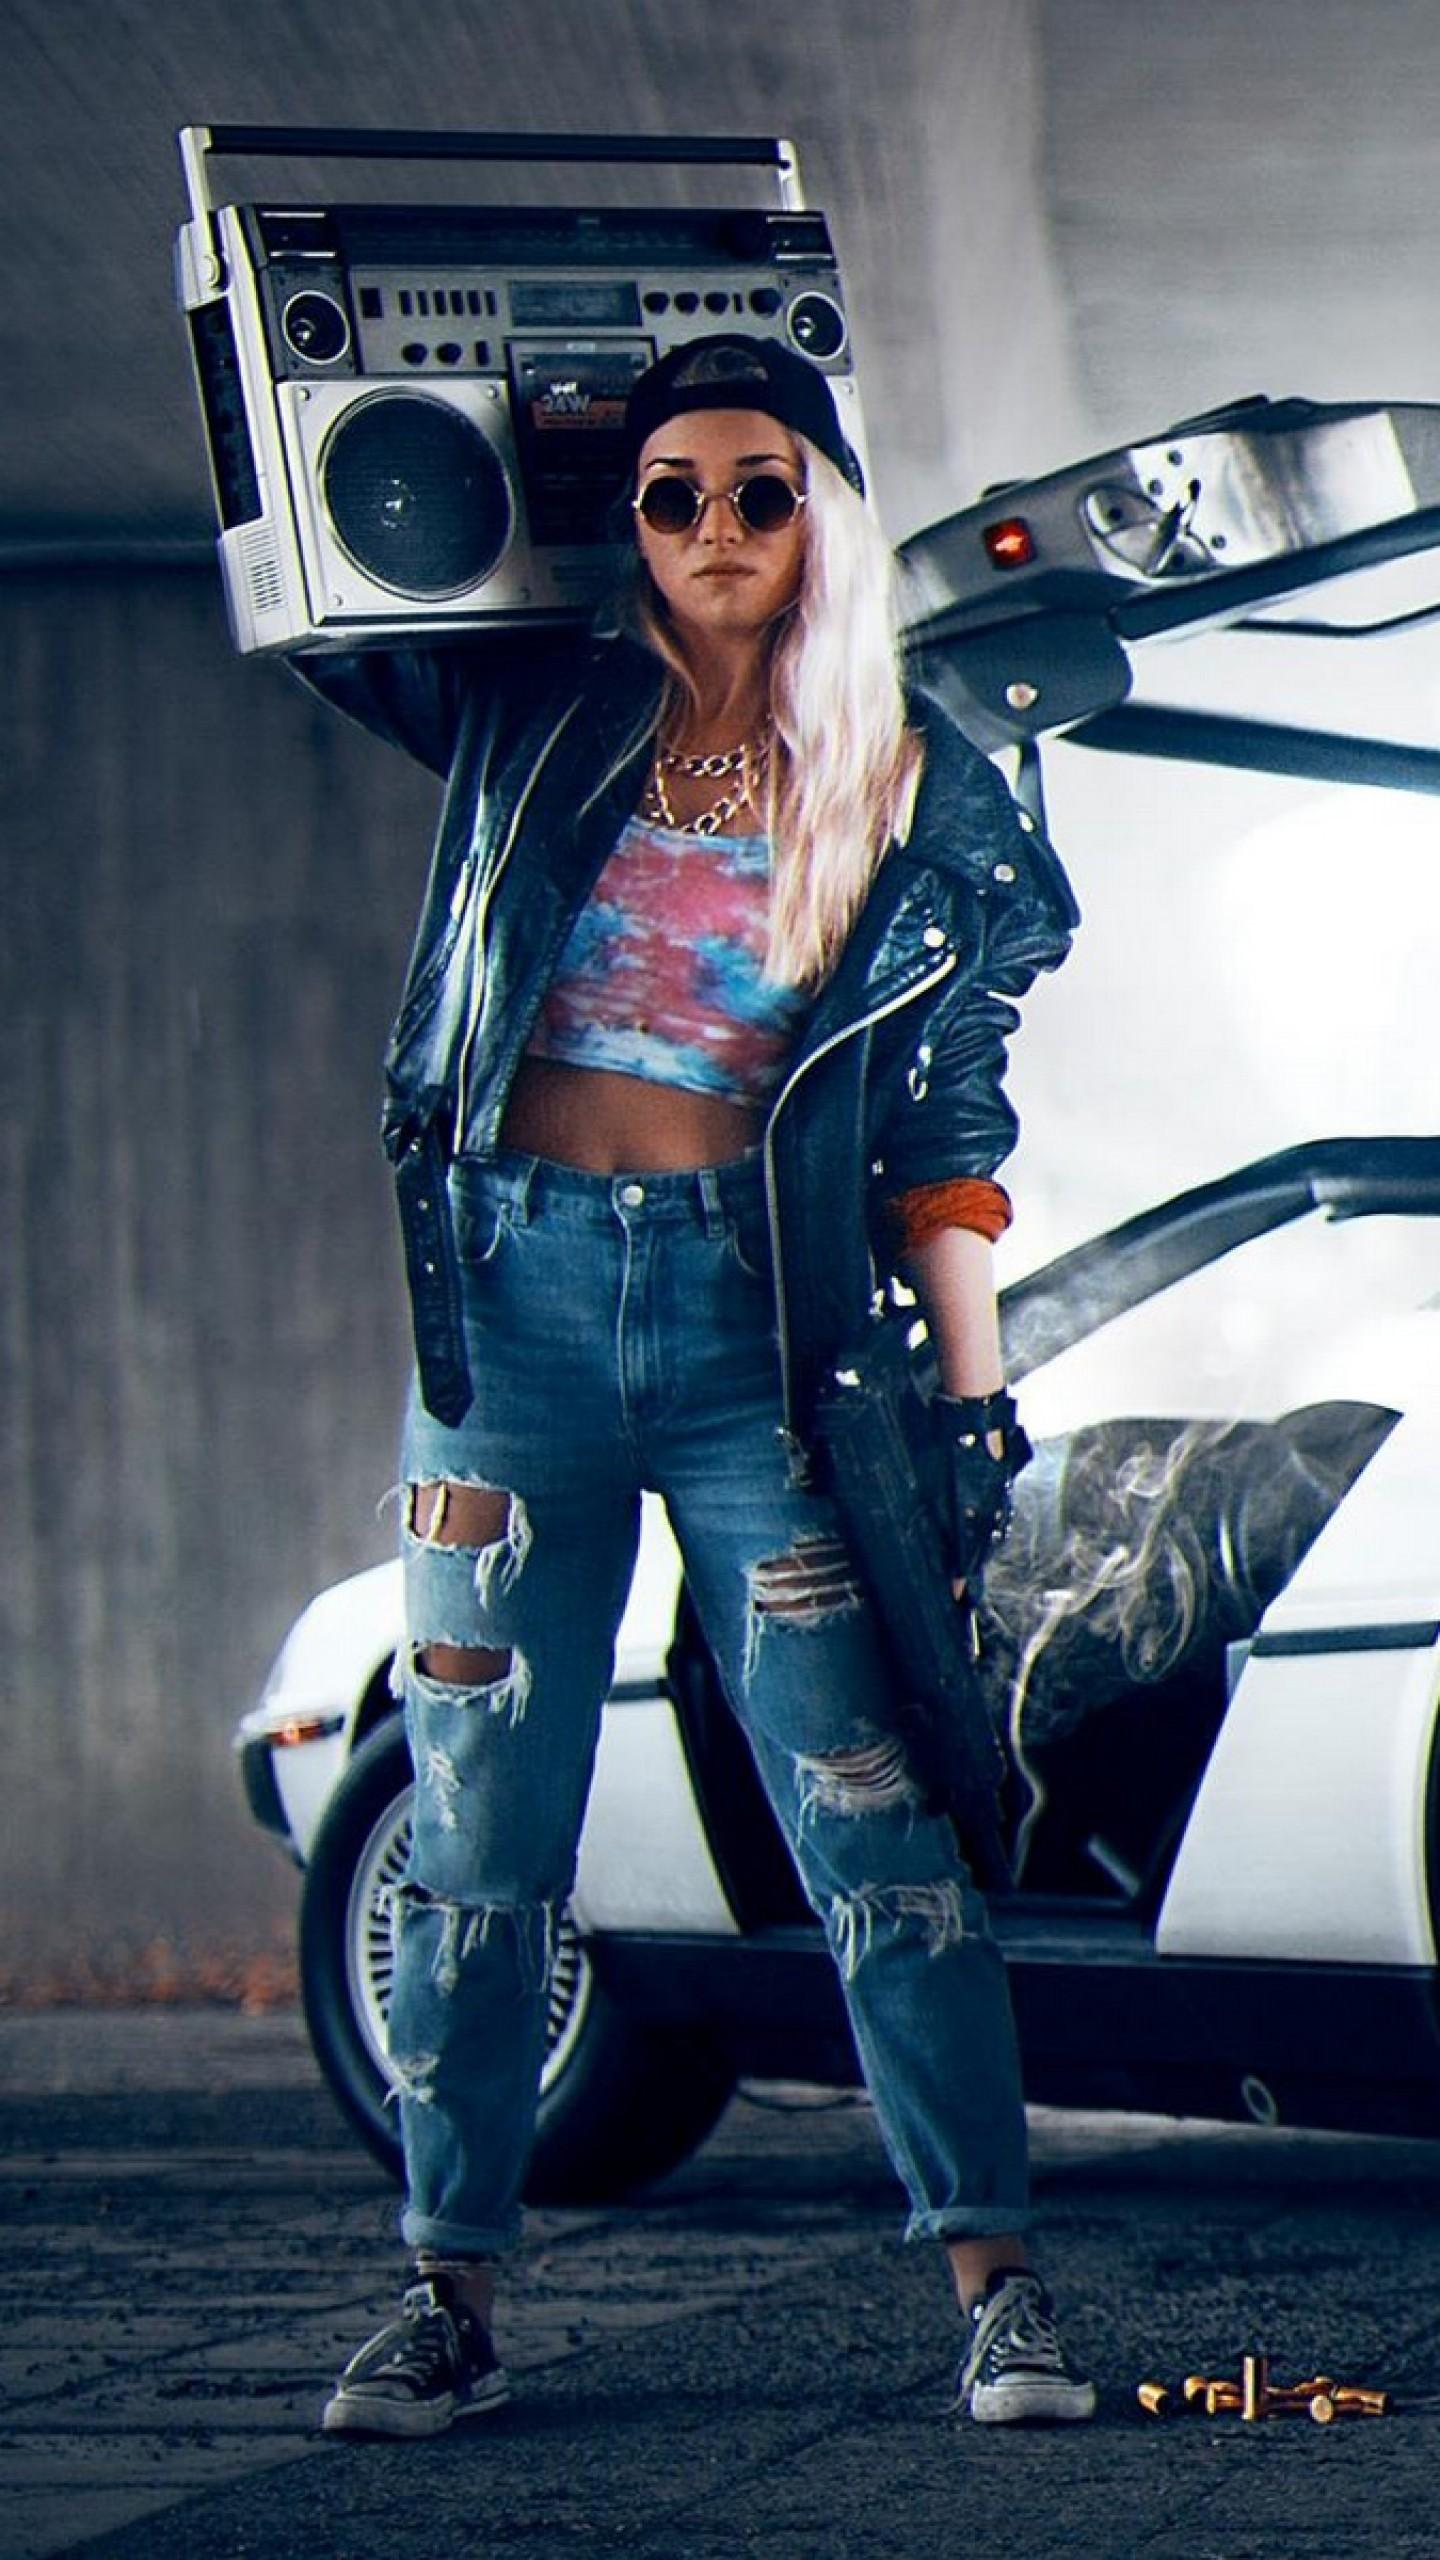 Wallpaper kung fury, boombox, radio, subway, car, girl